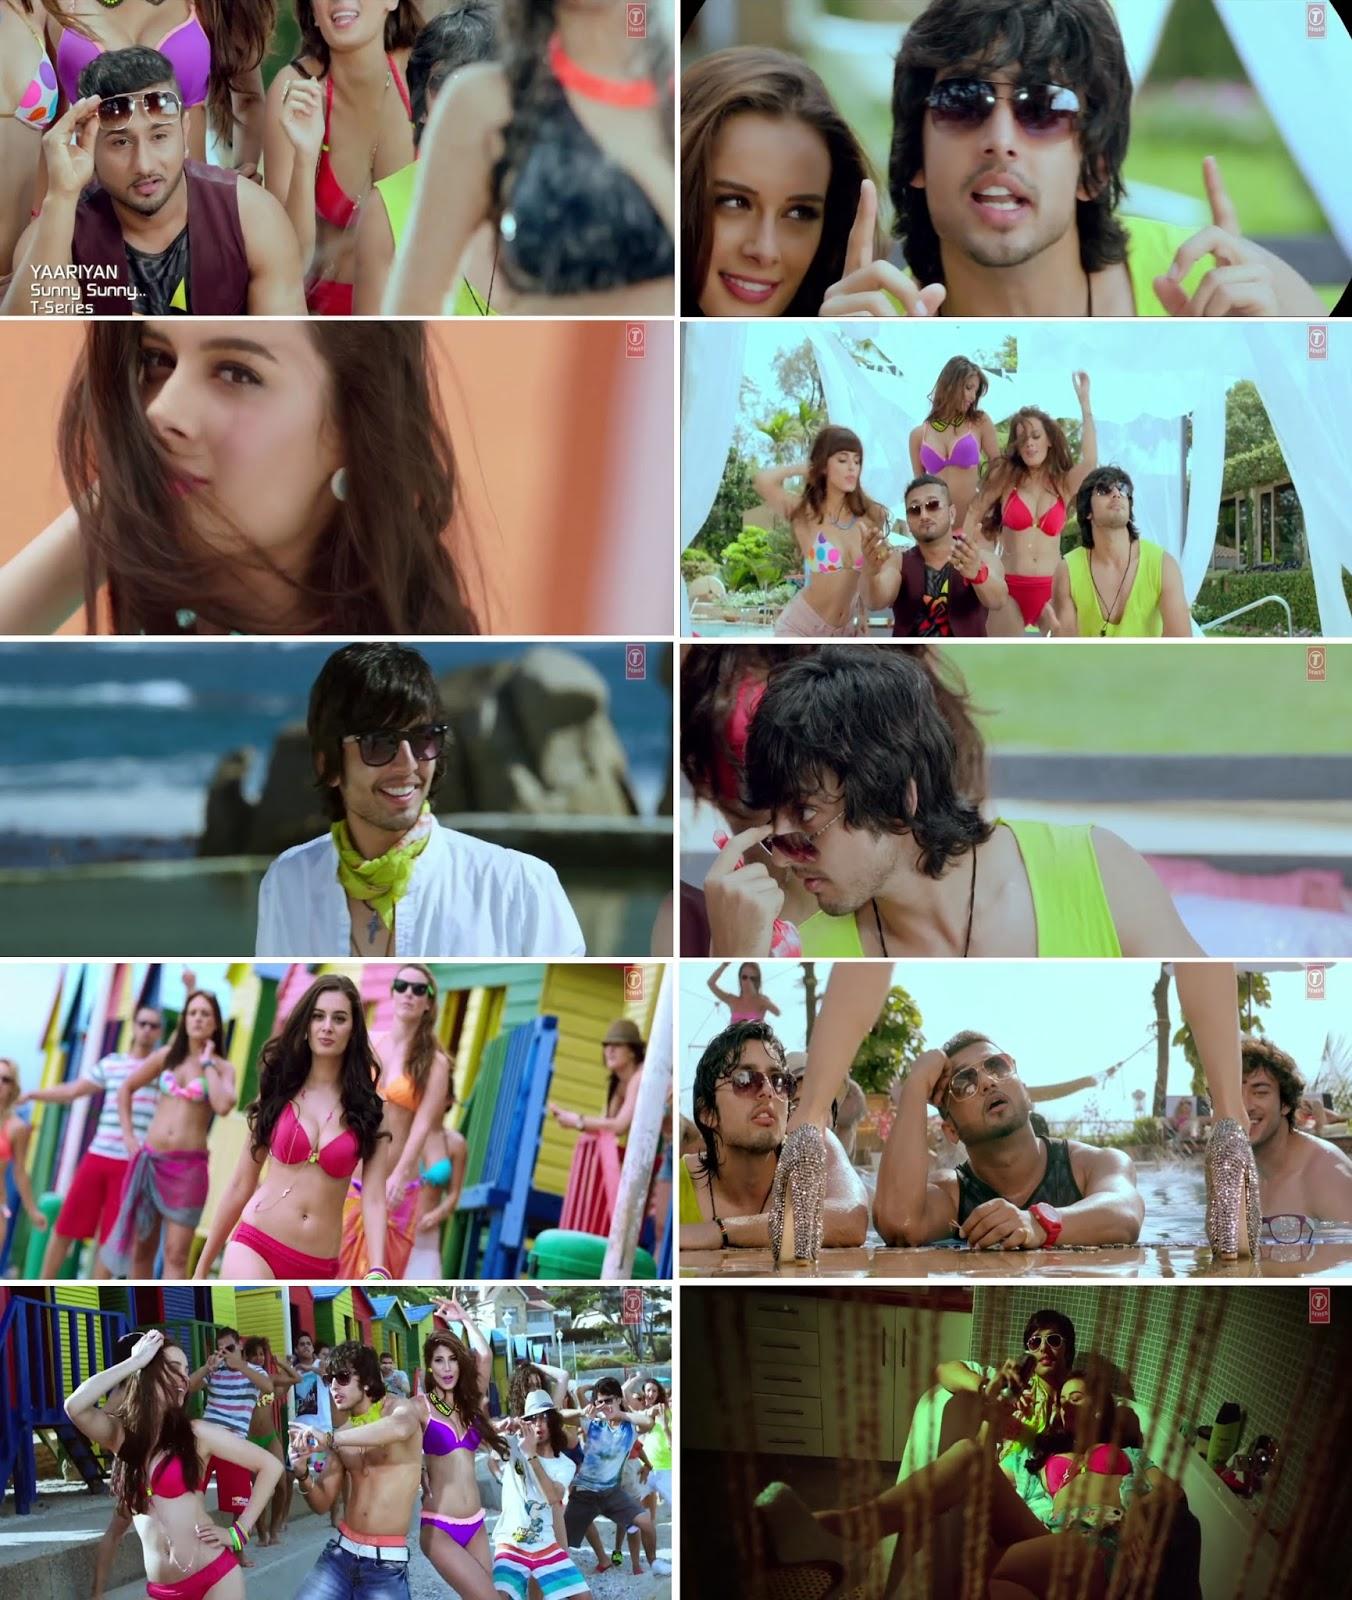 Yaariyan Sunny Sunny Mp3 - mp3goo.jacknowmaster.com